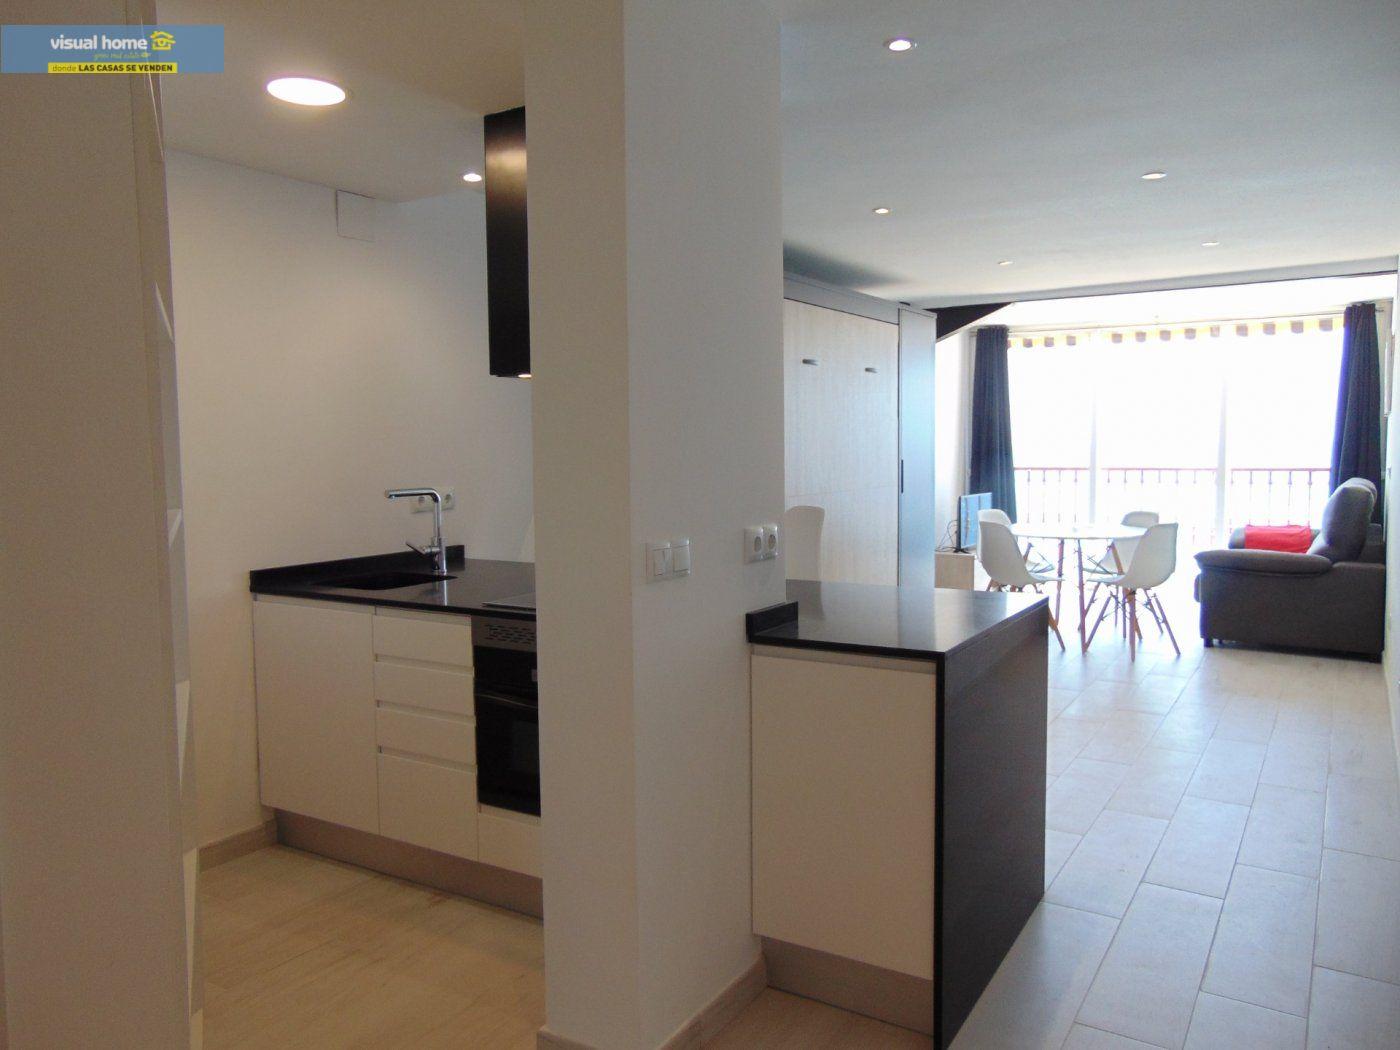 Estudio en Benidorm zona Levante de 40 m²